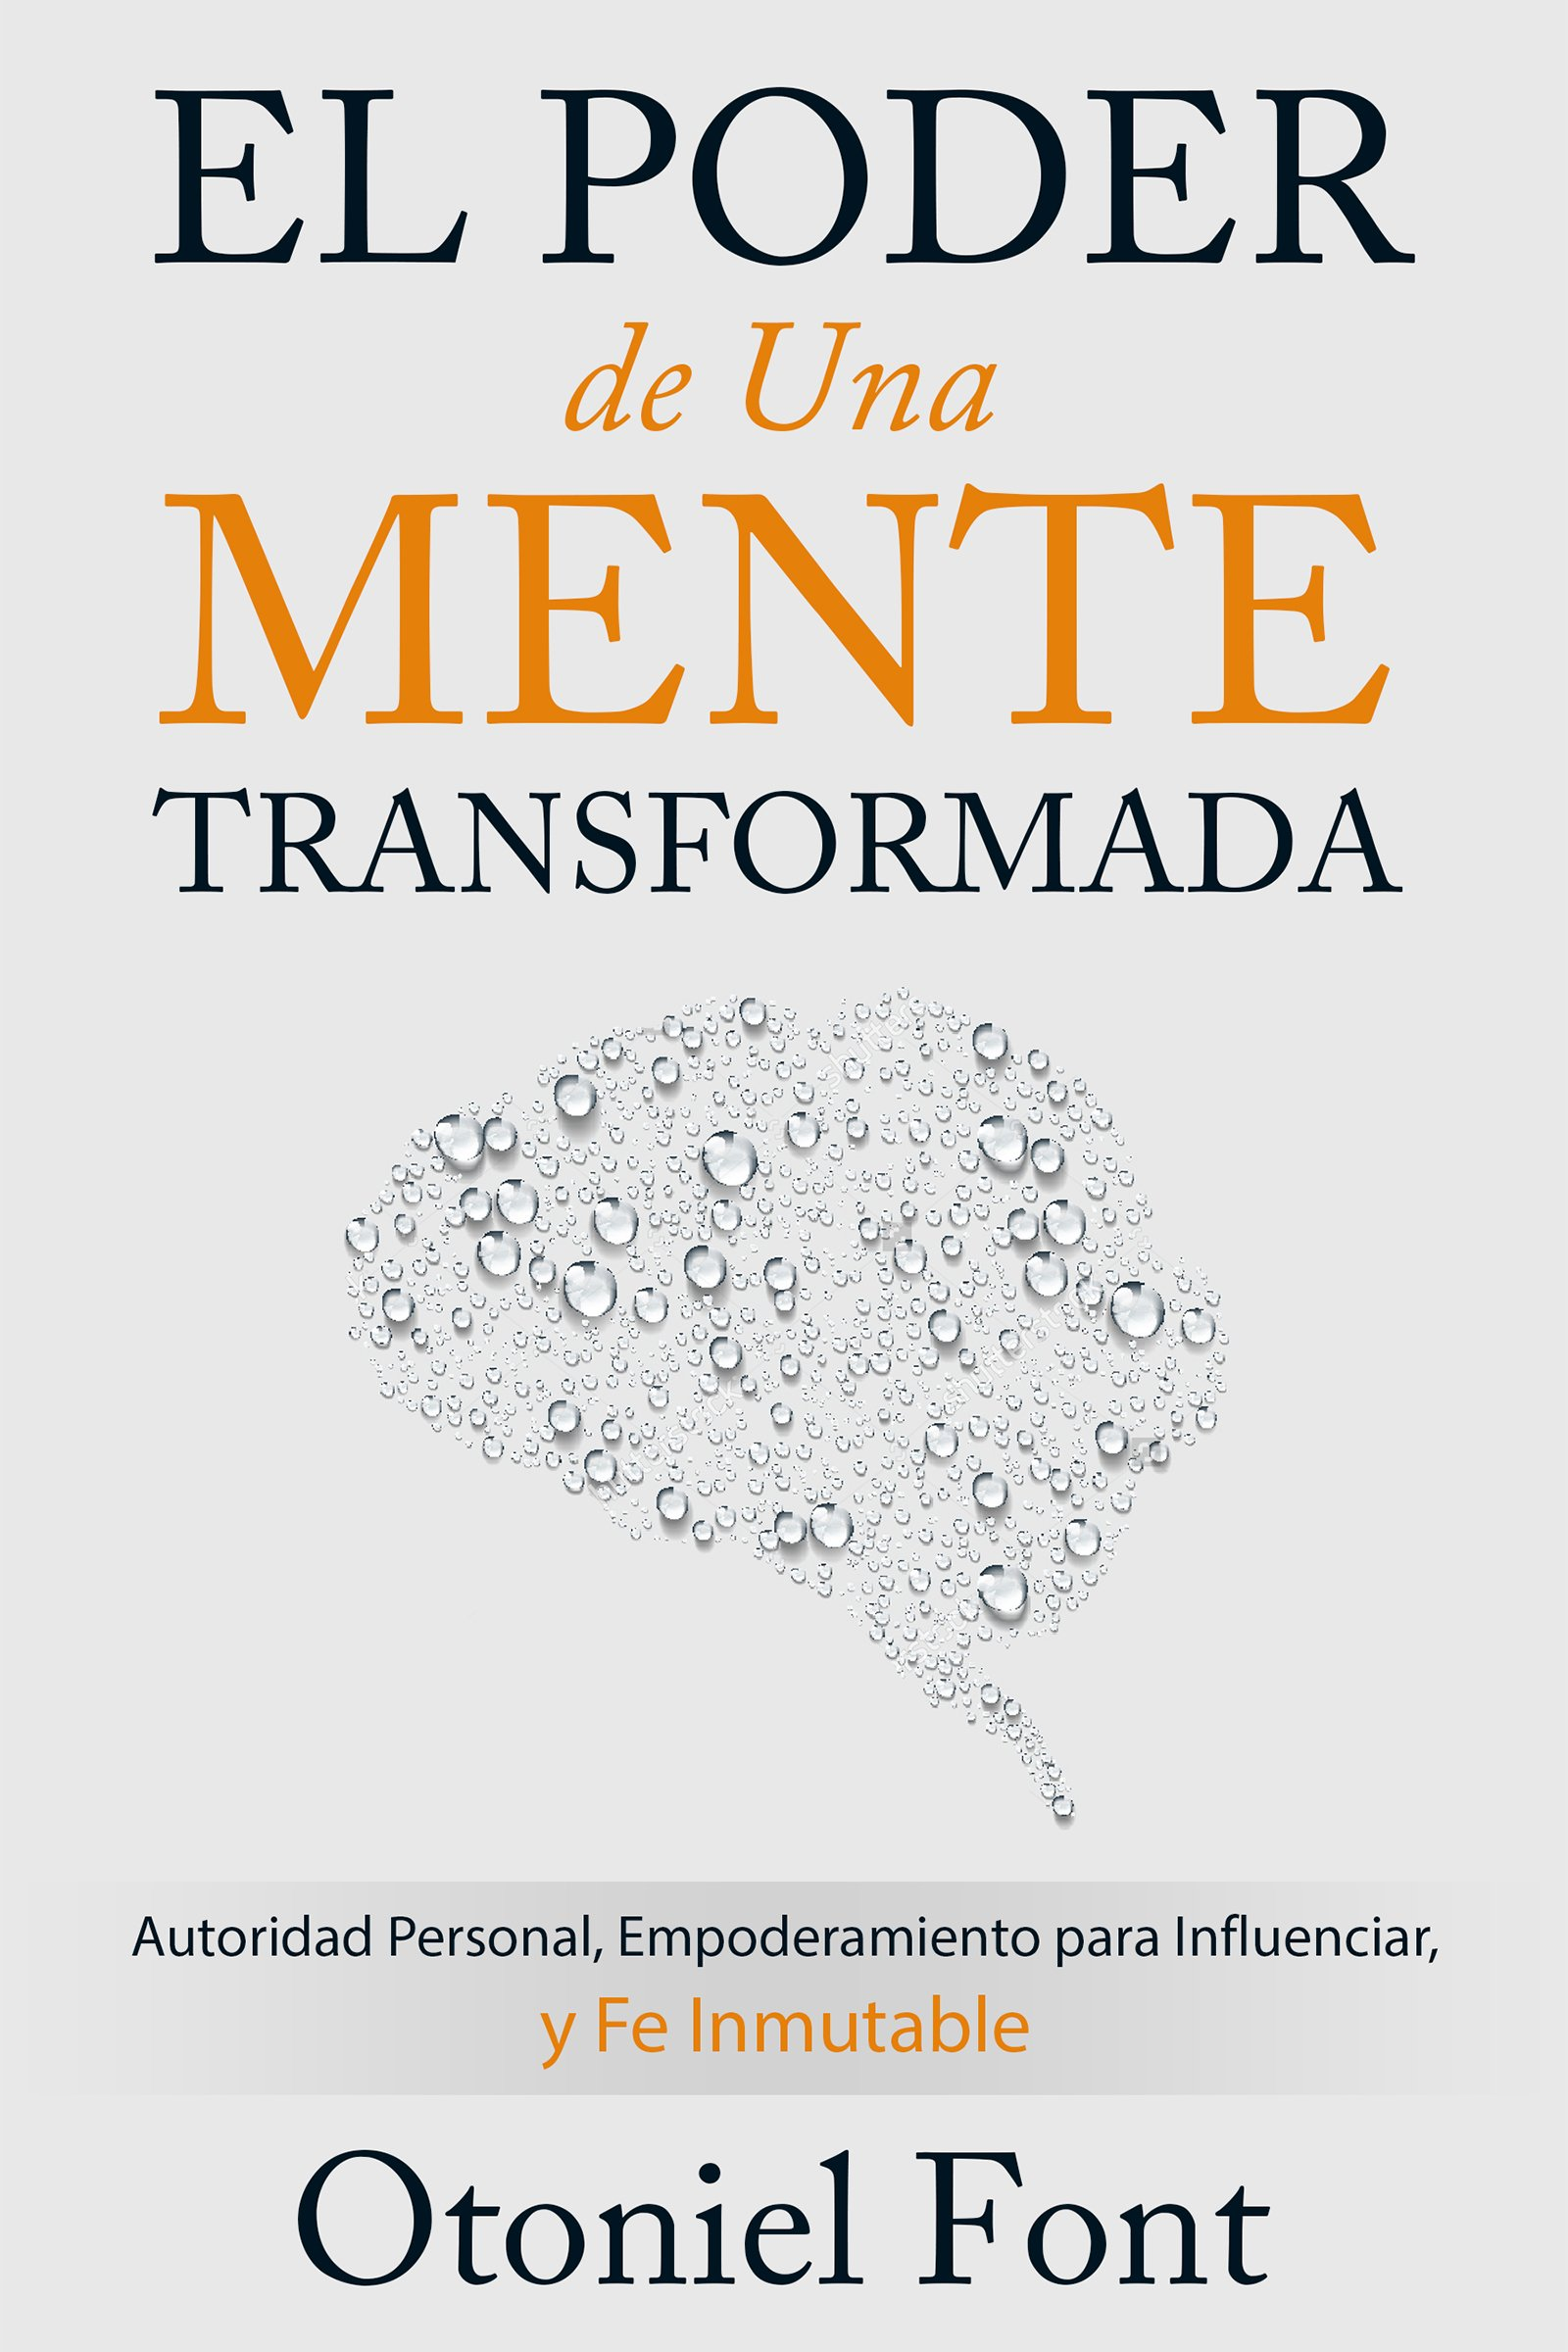 El Poder de una Mente Transformada: Autoridad Personal, Empoderamiento para Influenciar y Fe Inmutable (Spanish Edition)